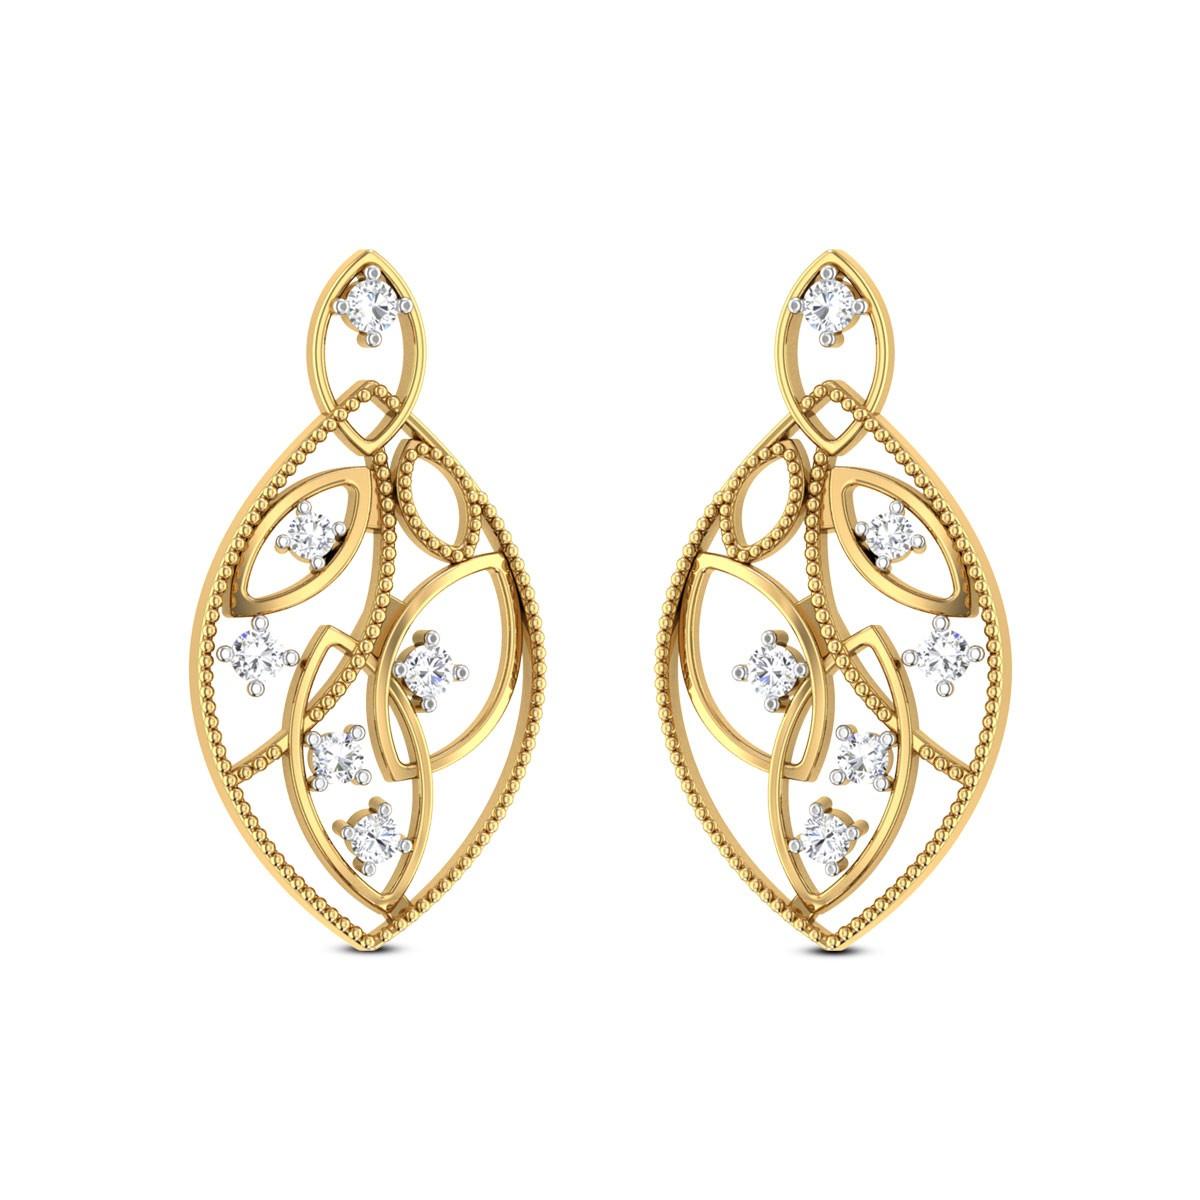 Entrancing Beau Diamond Earrings